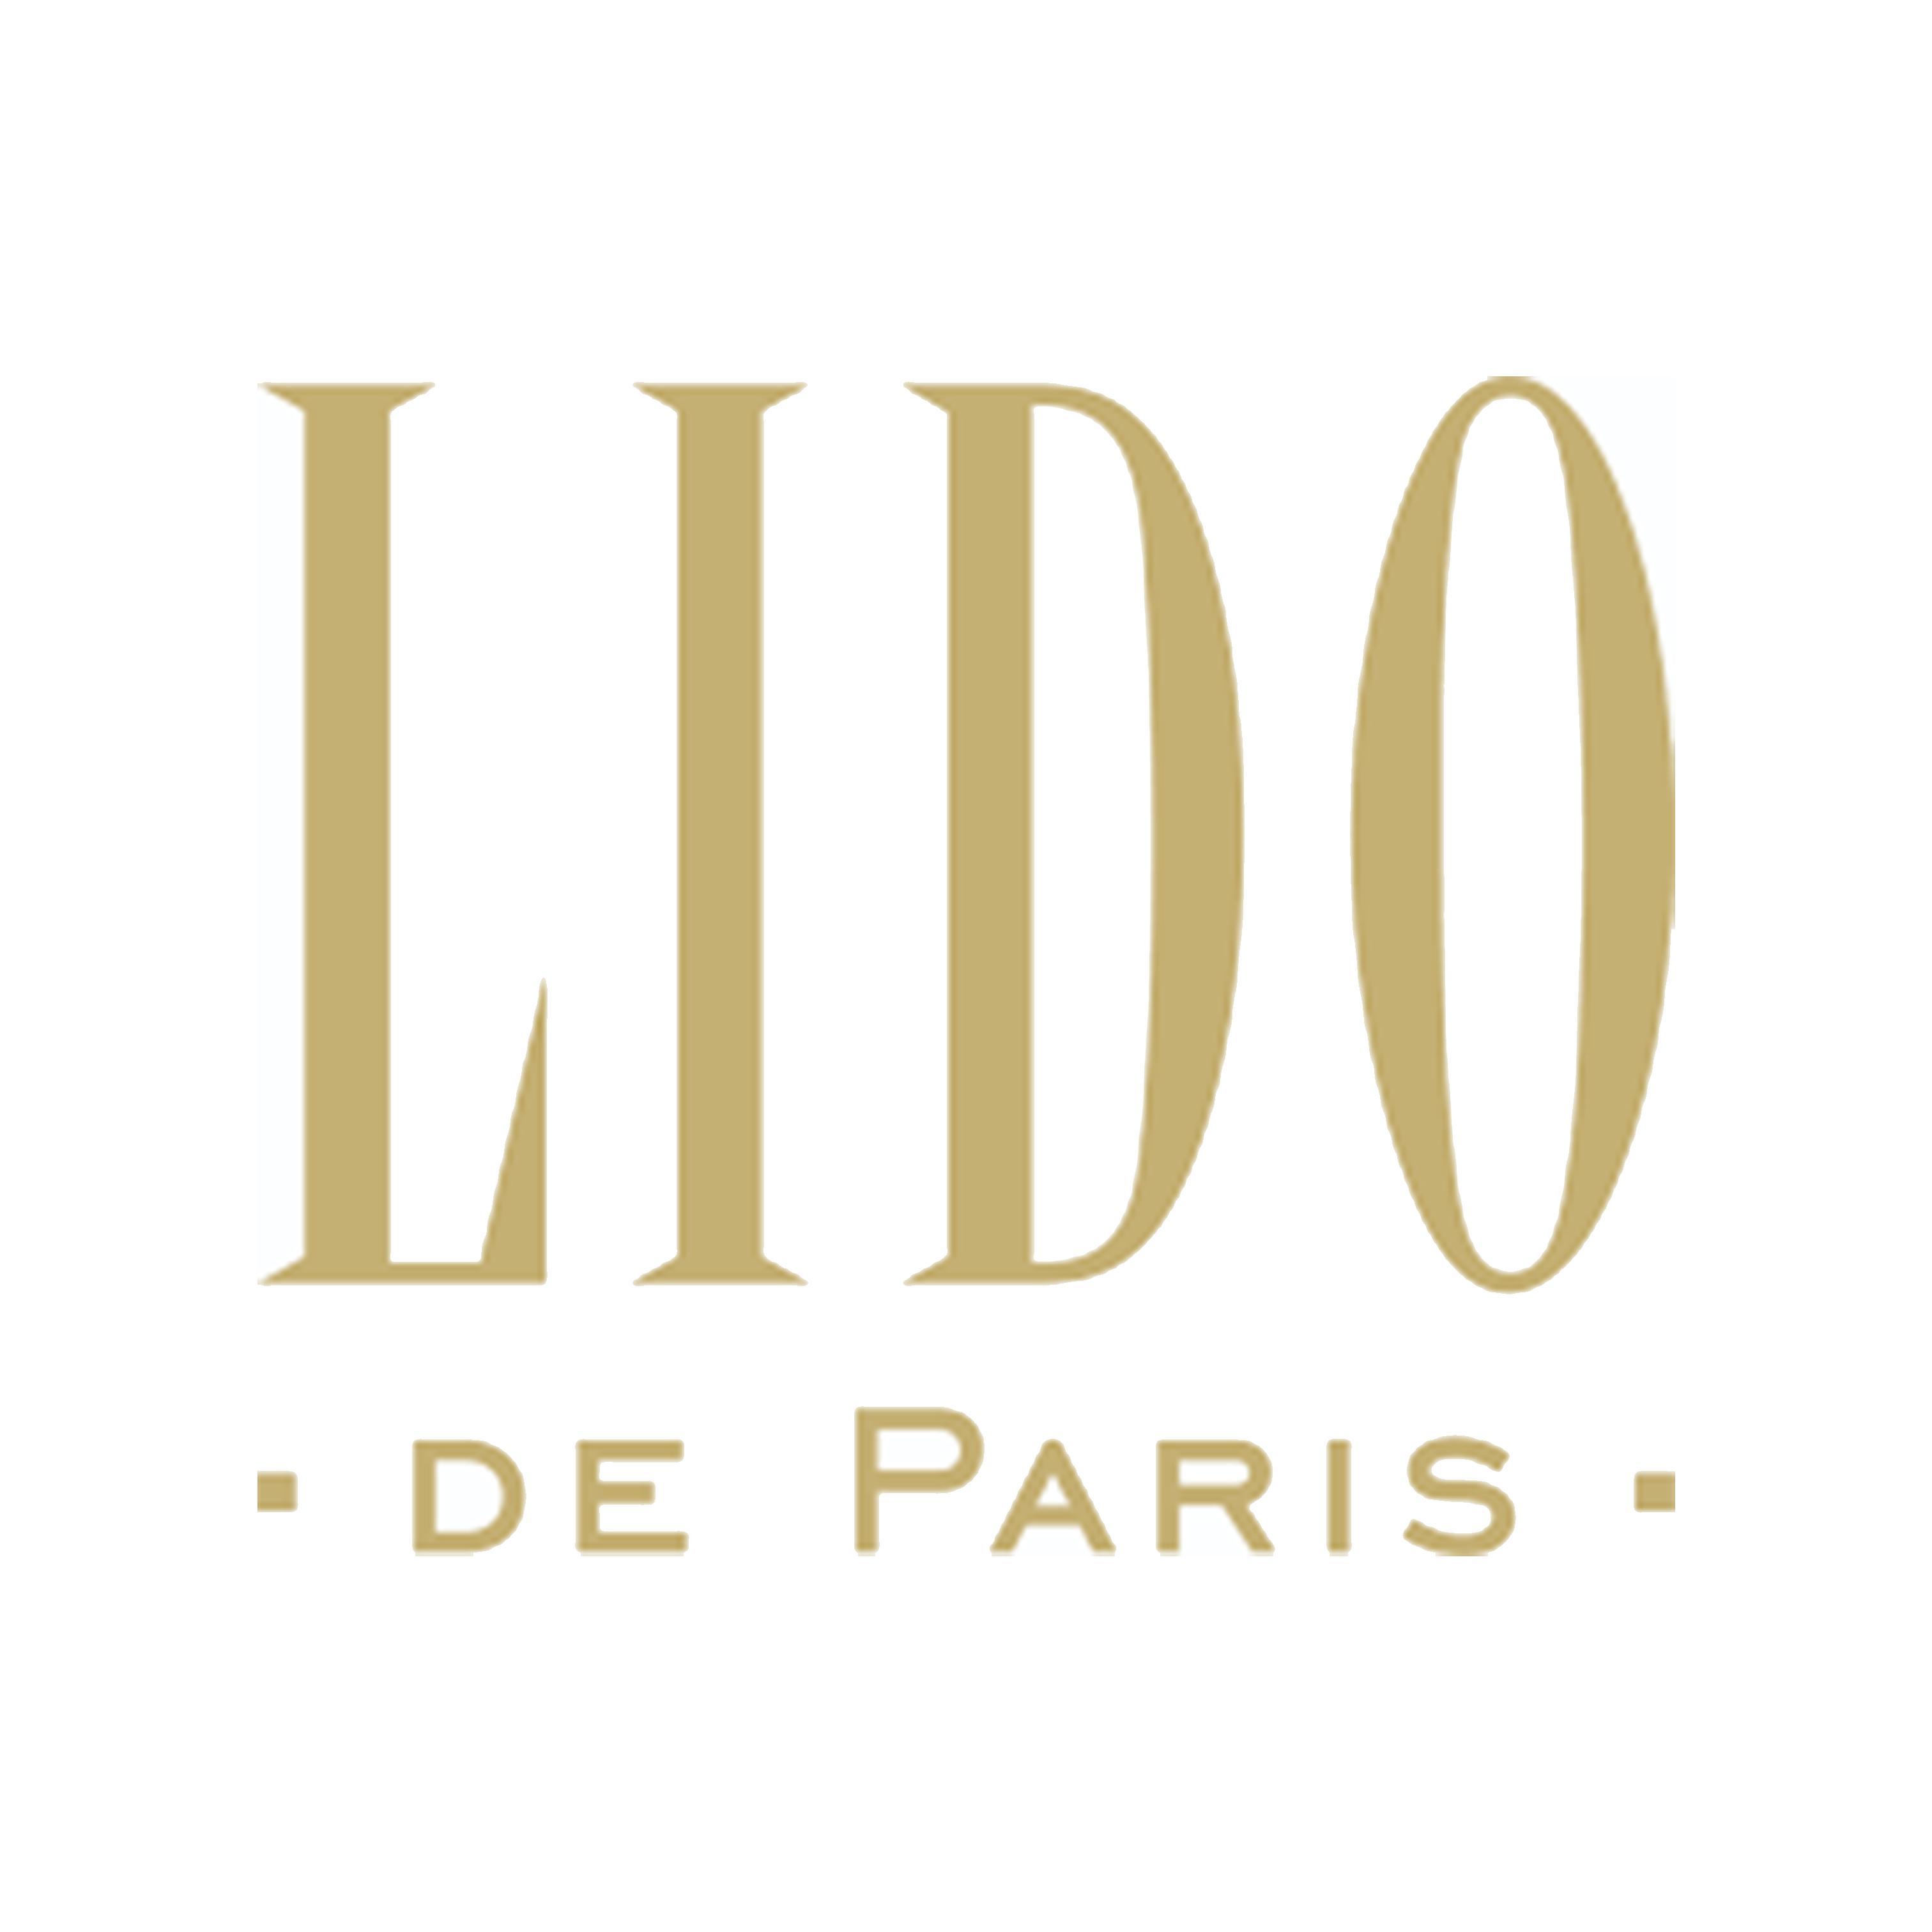 Logo-Lido-de-paris